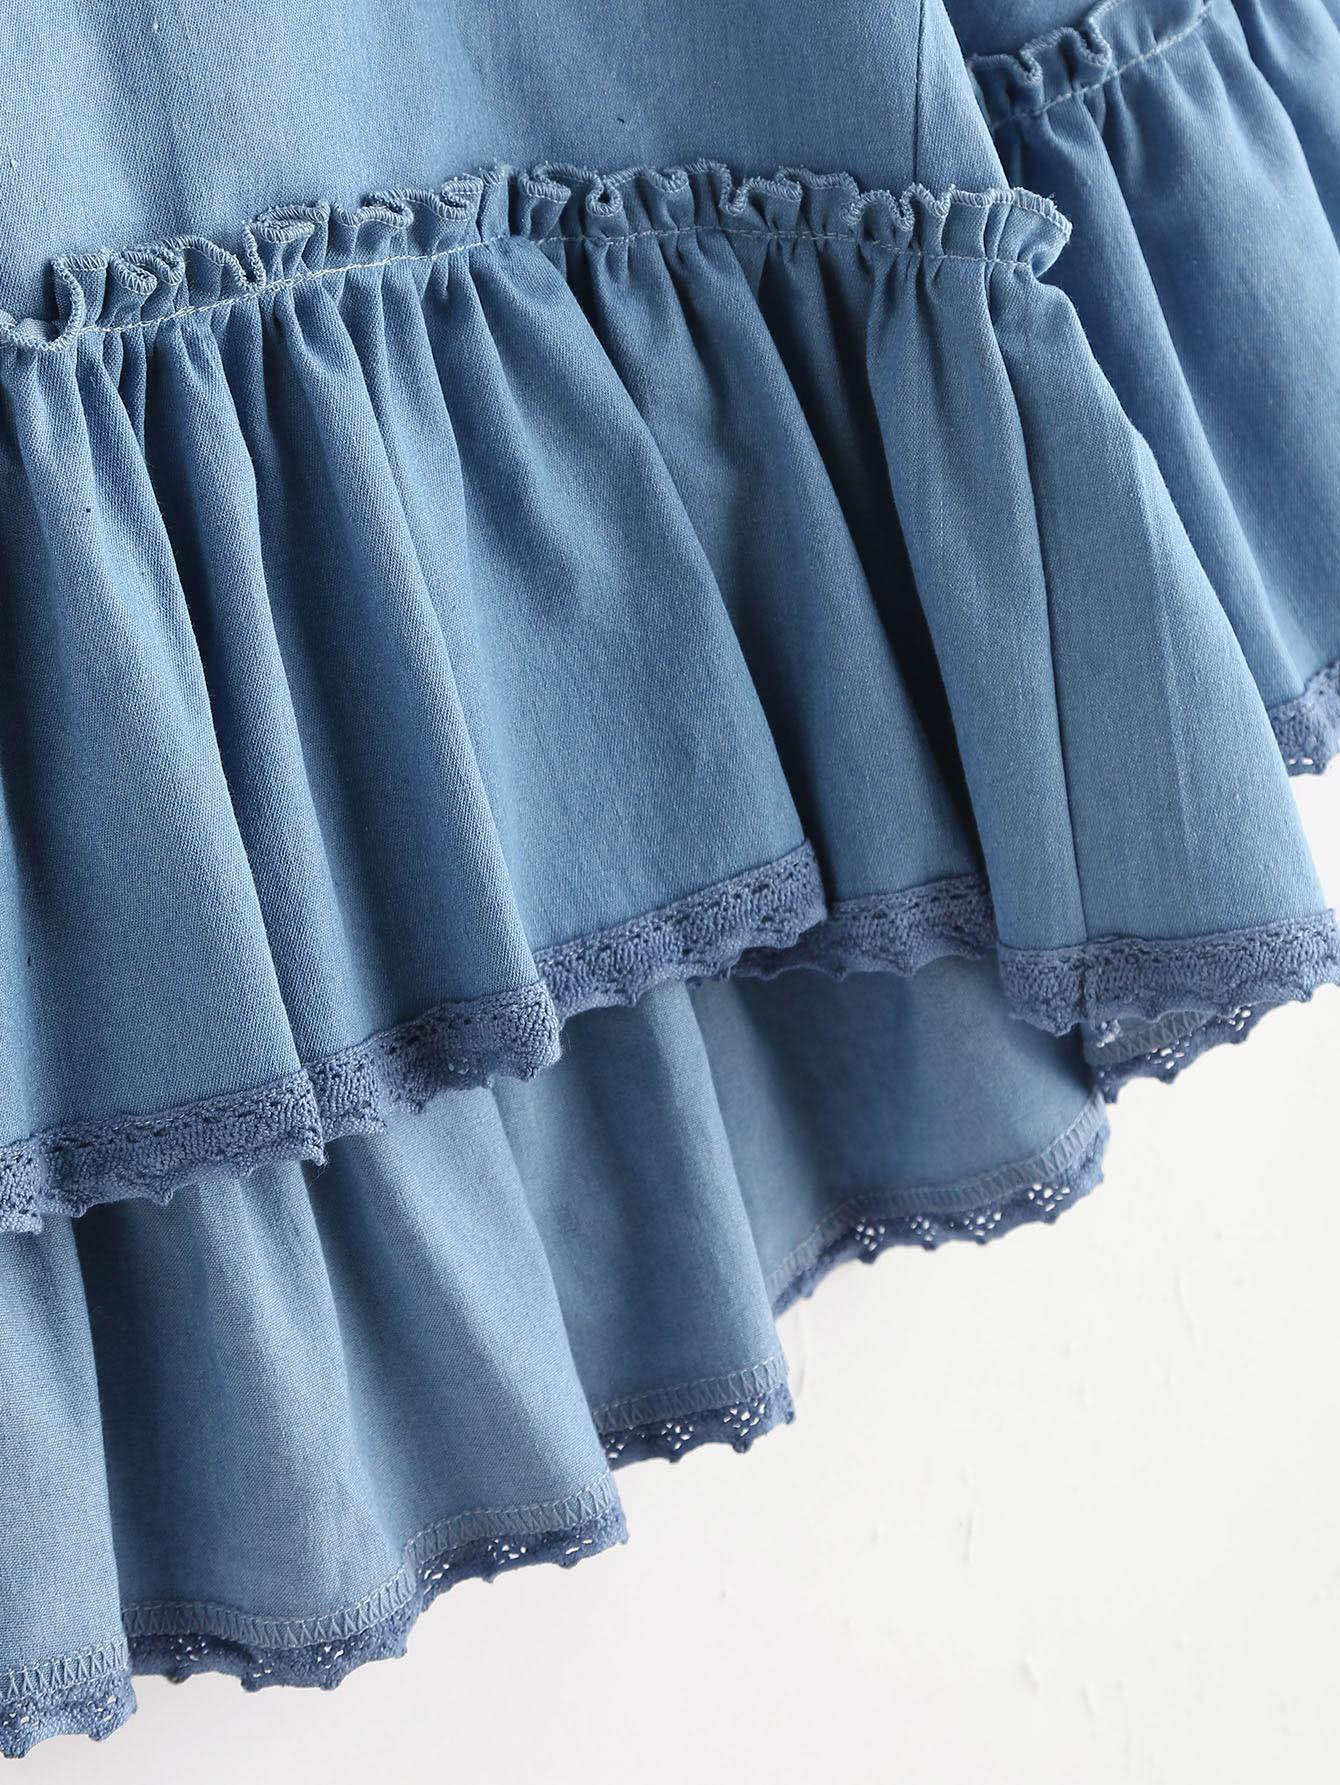 Race day stores V Neck Plain Short Sleeve Bodycon Dresses sleeved designers